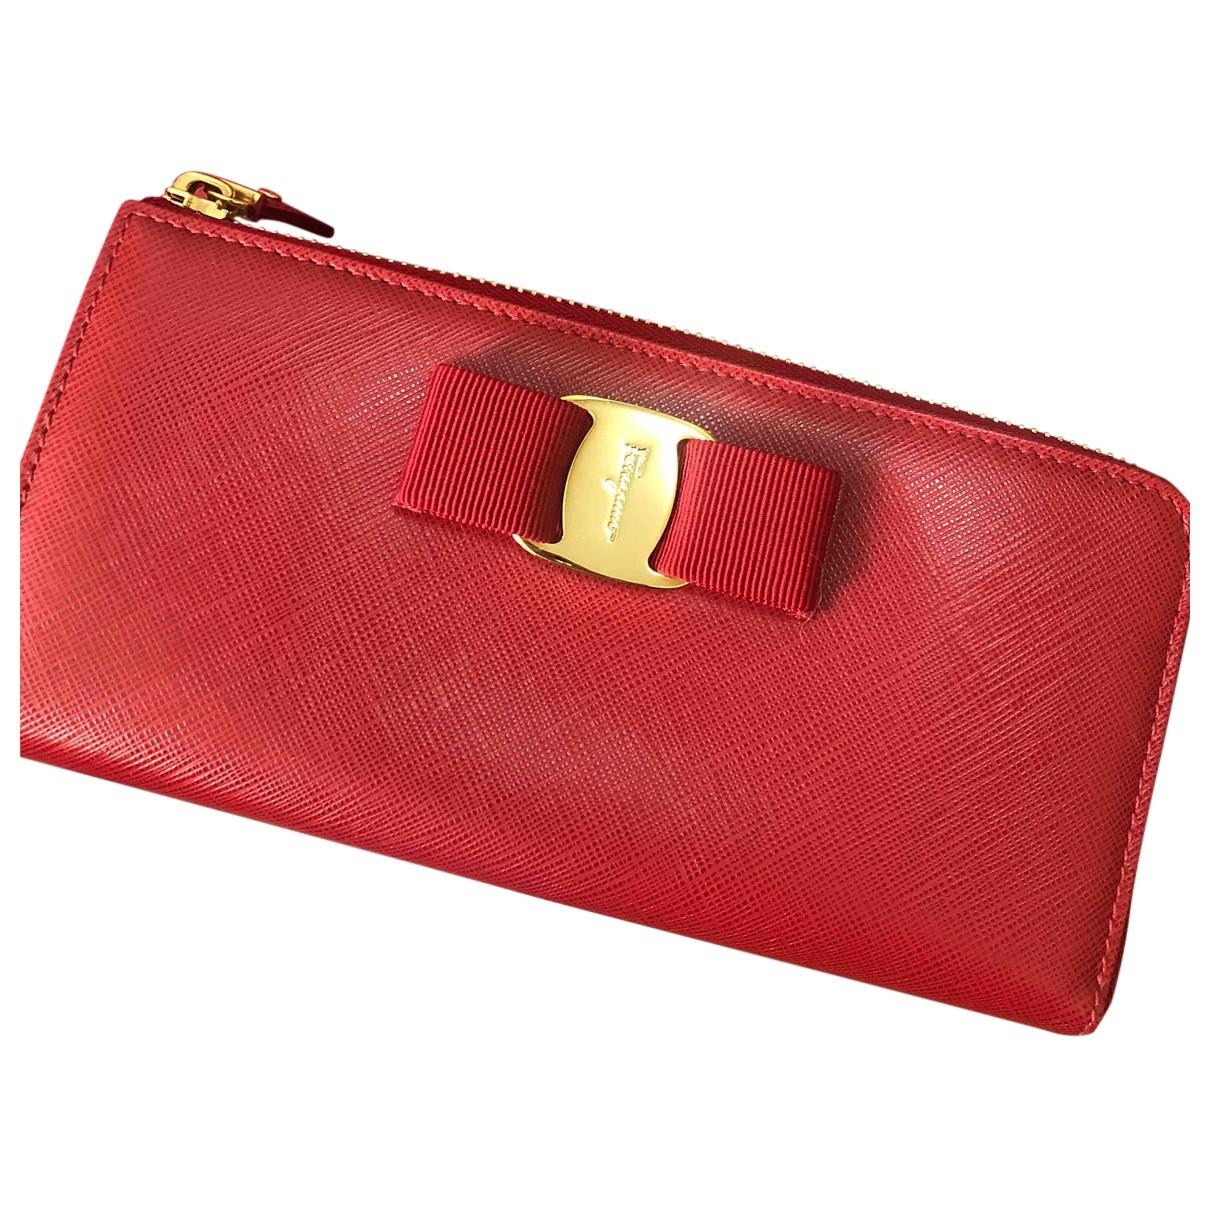 Salvatore Ferragamo - Portefeuille   pour femme en cuir - rouge